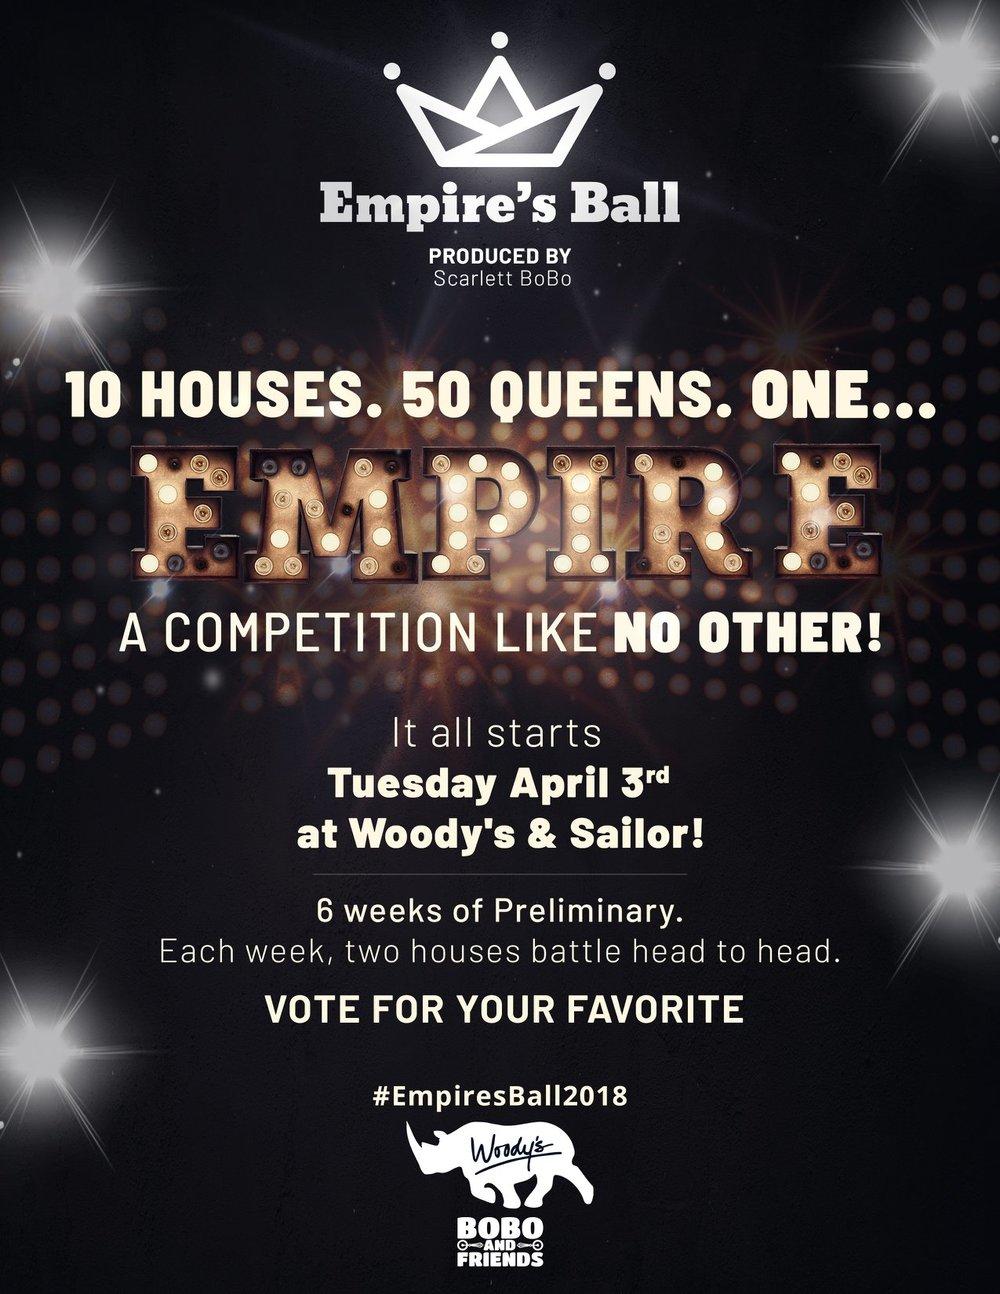 empires-ball